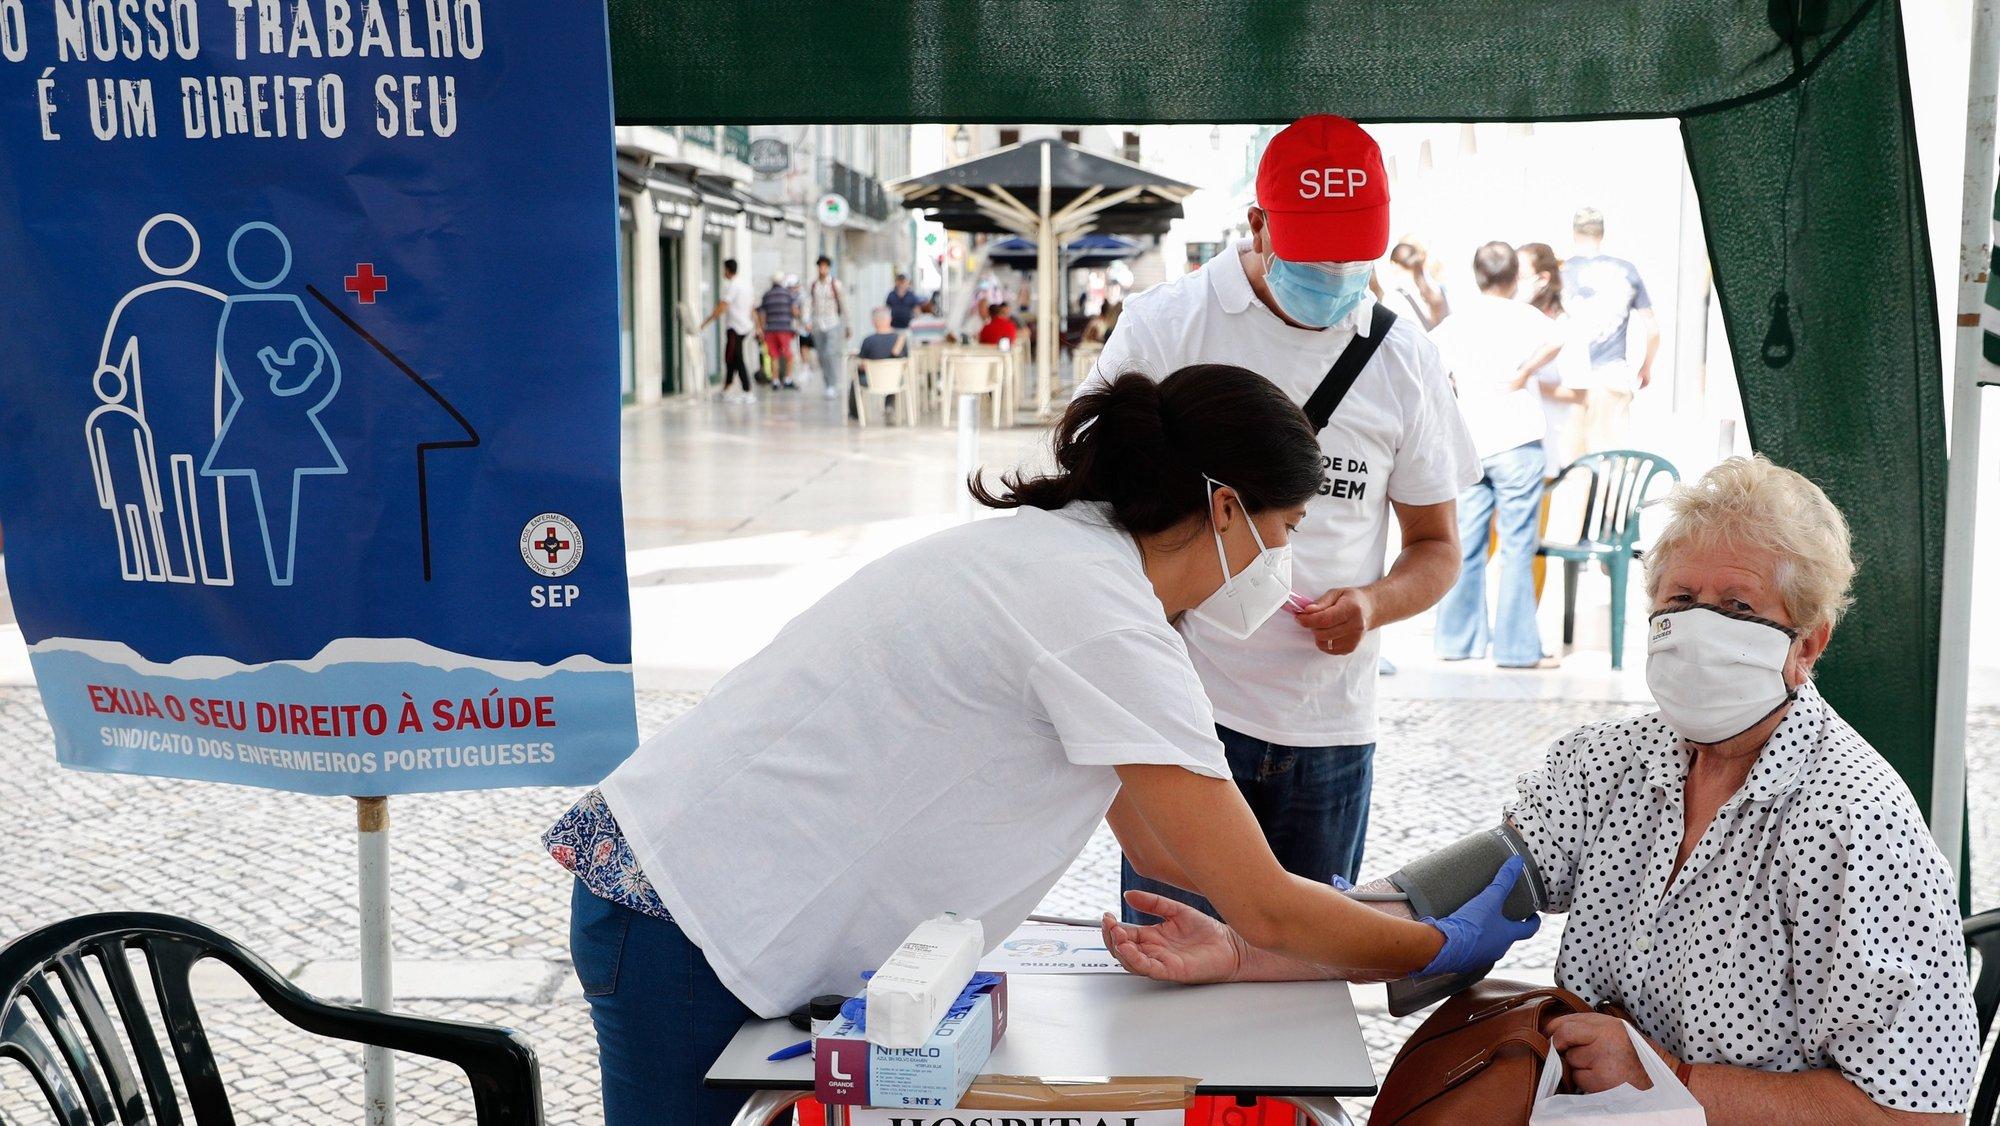 """Enfermeiros num Hospital de Campanha, organizado pelo Sindicato dos Enfermeiros Portugueses (SEP), fazem a avaliação da saúde física e mental dos portugueses em duas bancas distintas, """"corpo em forma"""" e """"mente em forma"""", em Lisboa, 11 de agosto de 2021. ANTÓNIO COTRIM/LUSA"""